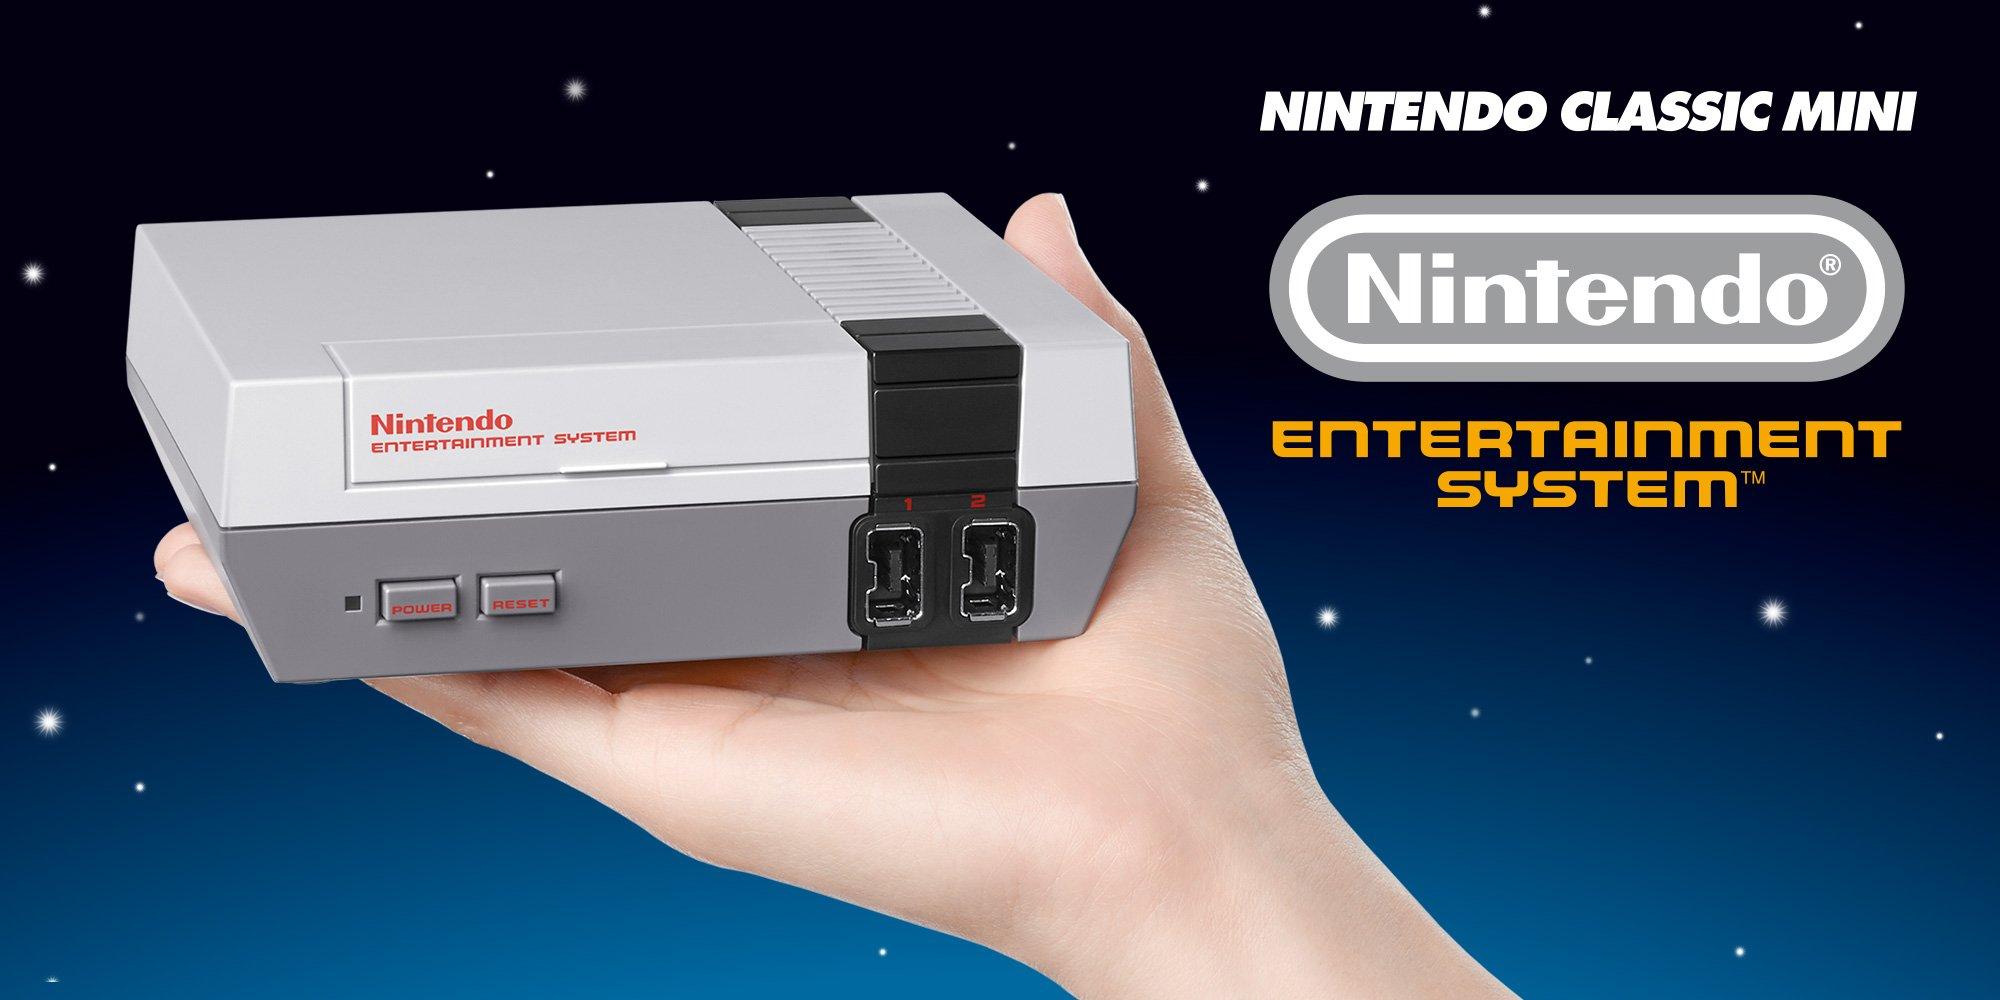 Nintendo e a LEGO podem estar se unindo para lançar um console NES em LEGO, com um controle e uma TV retrô para dar ainda mais nostalgia.